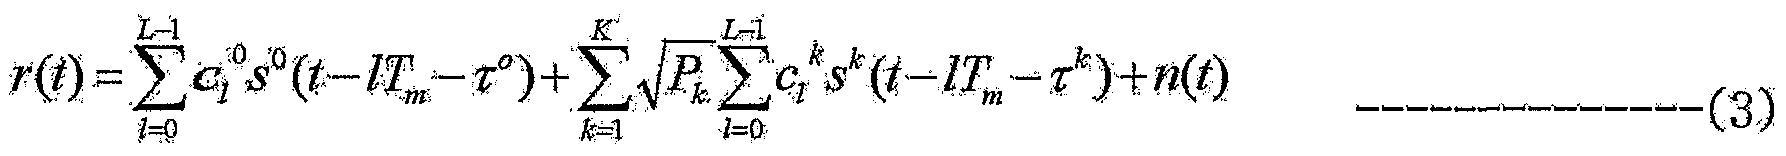 Figure imgf000016_0001